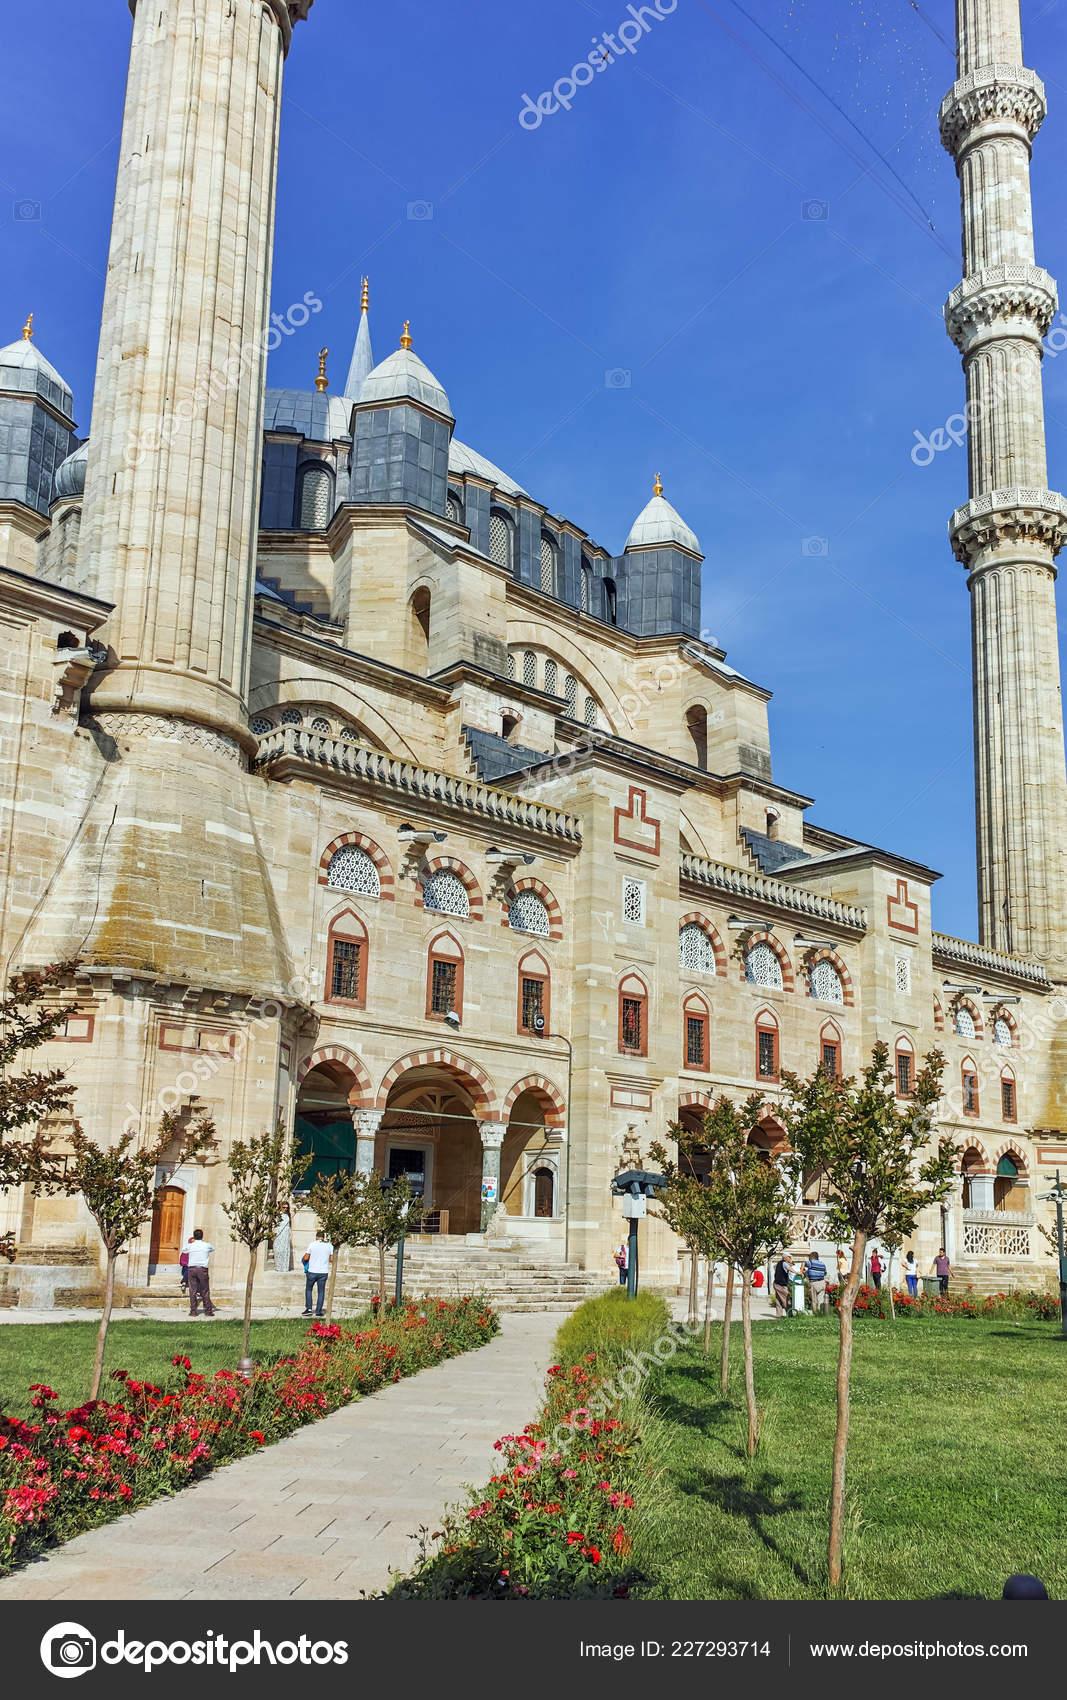 ах, эдирне турция фото отель рядом с мечетью должен был передавать